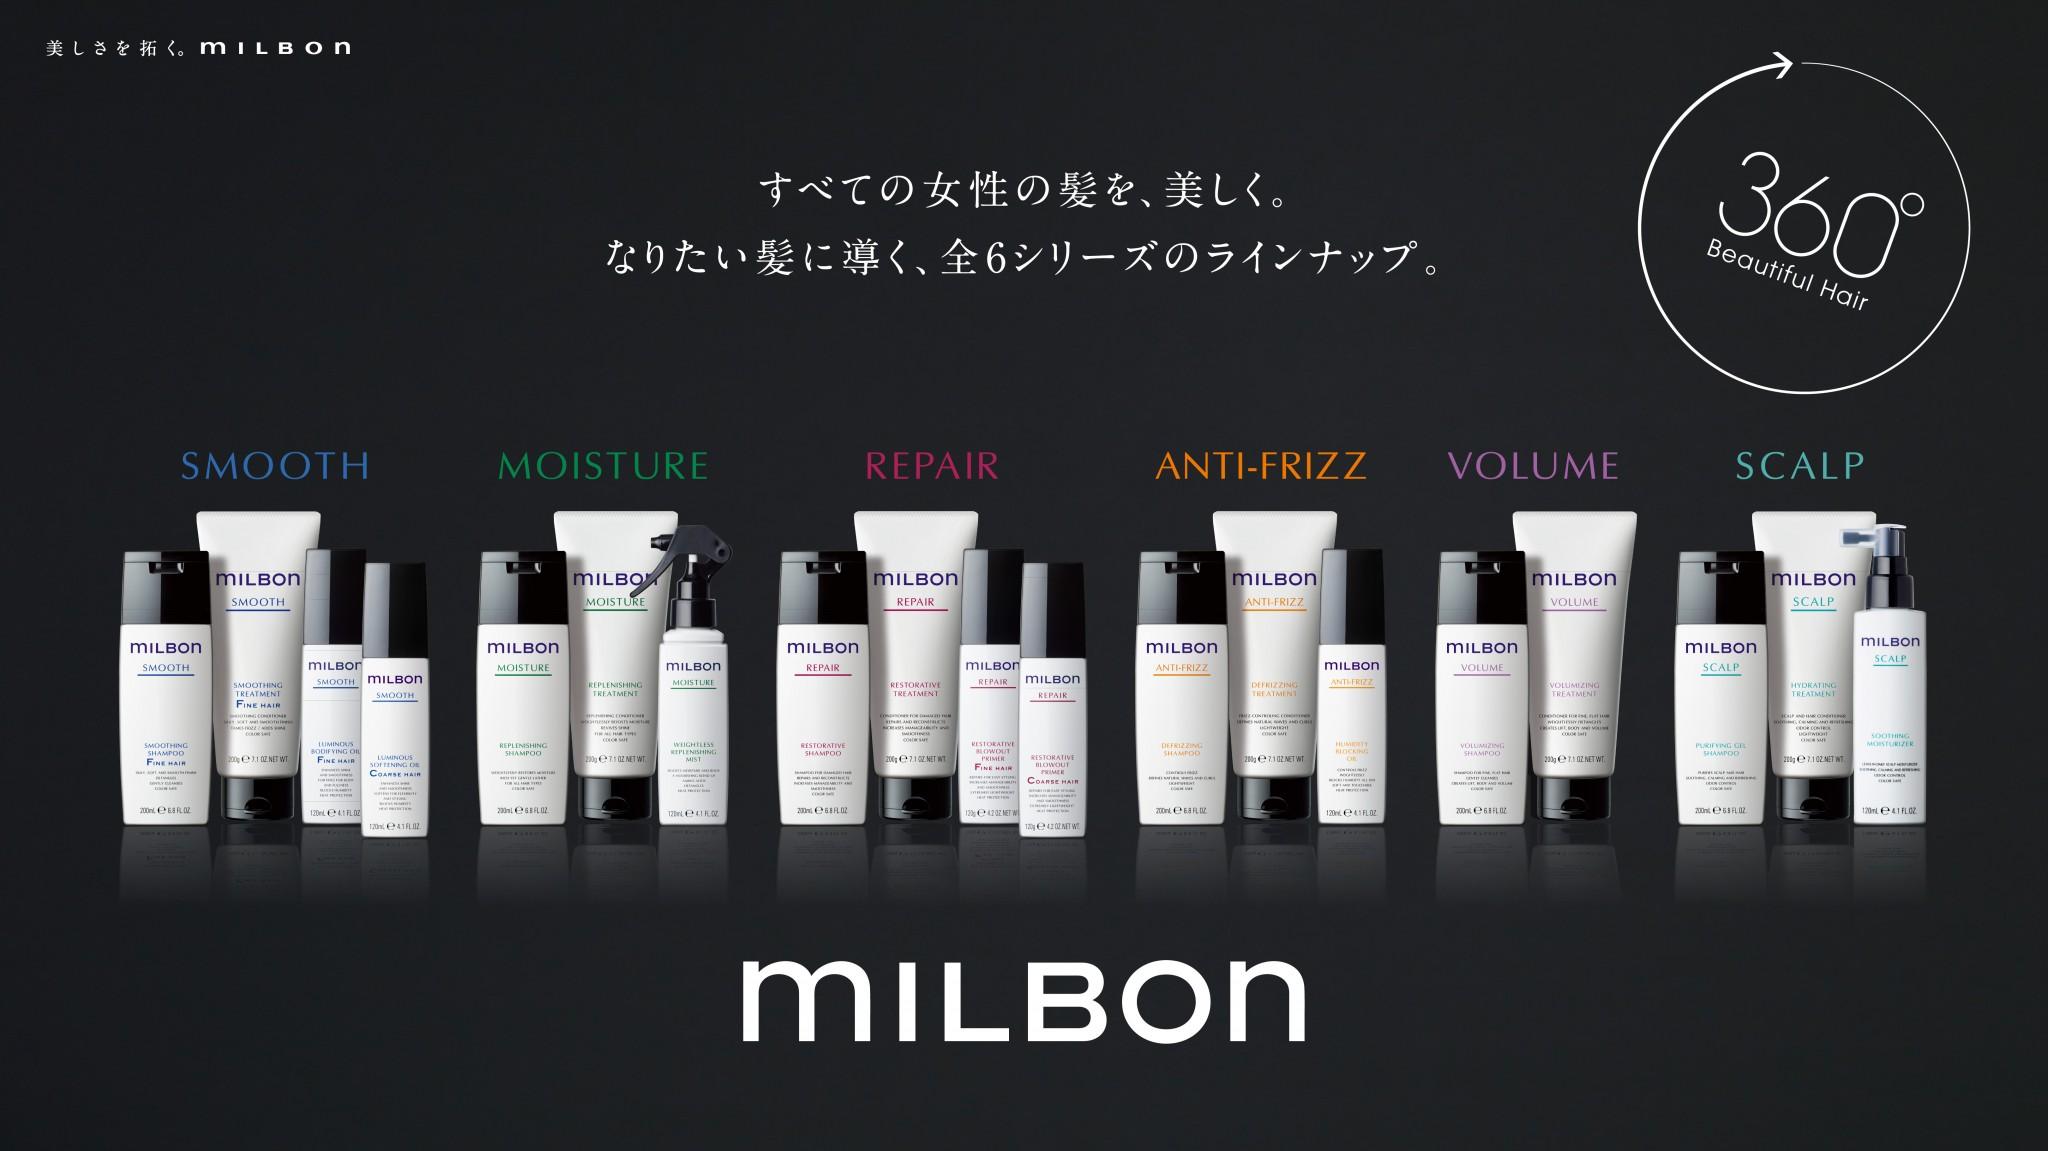 ミルボン[mILBON]